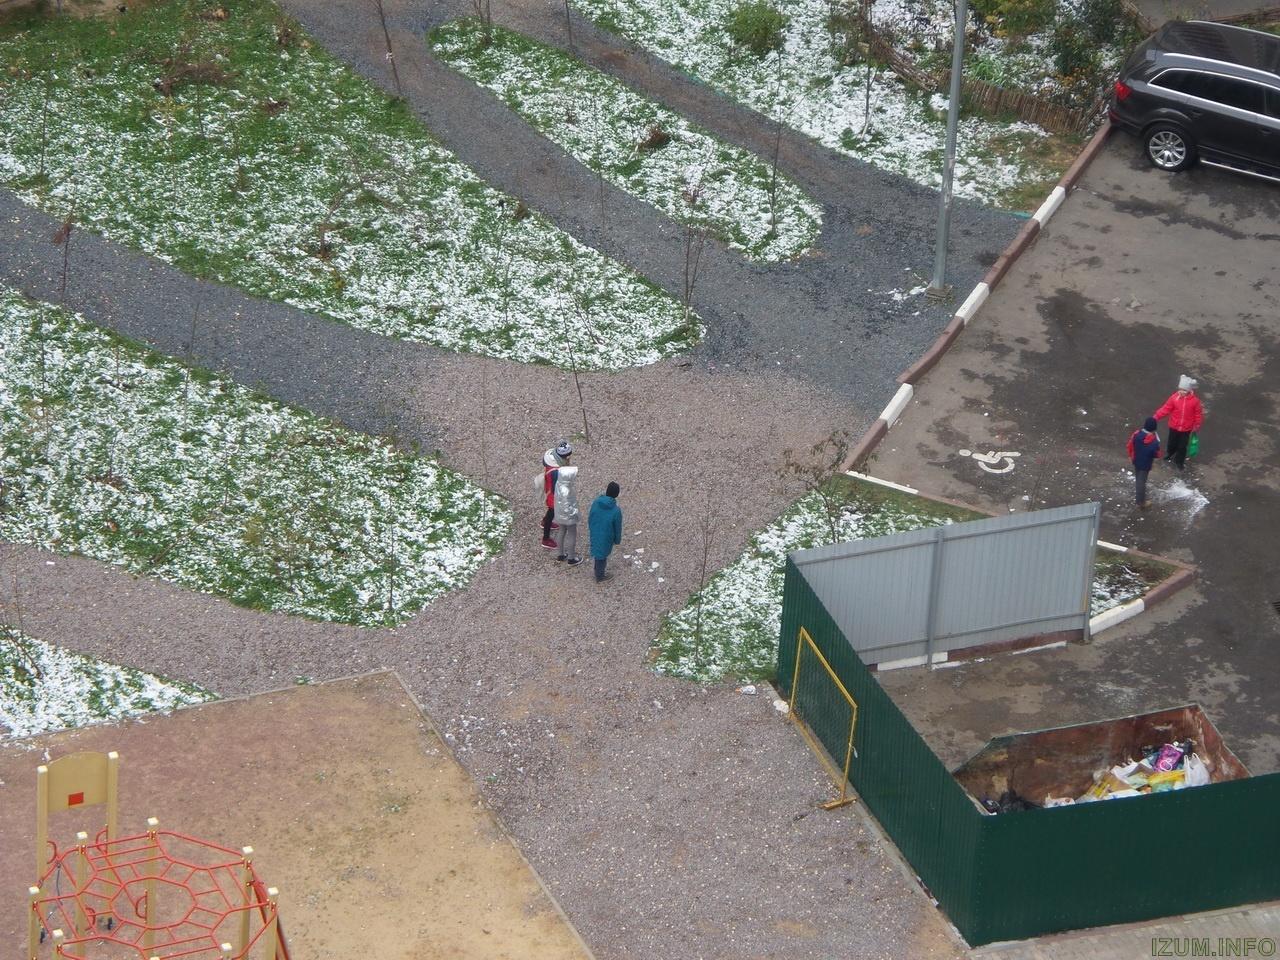 Изумрудные холмы лёд падает с крыш на тротуары (2)_новый размер.jpg